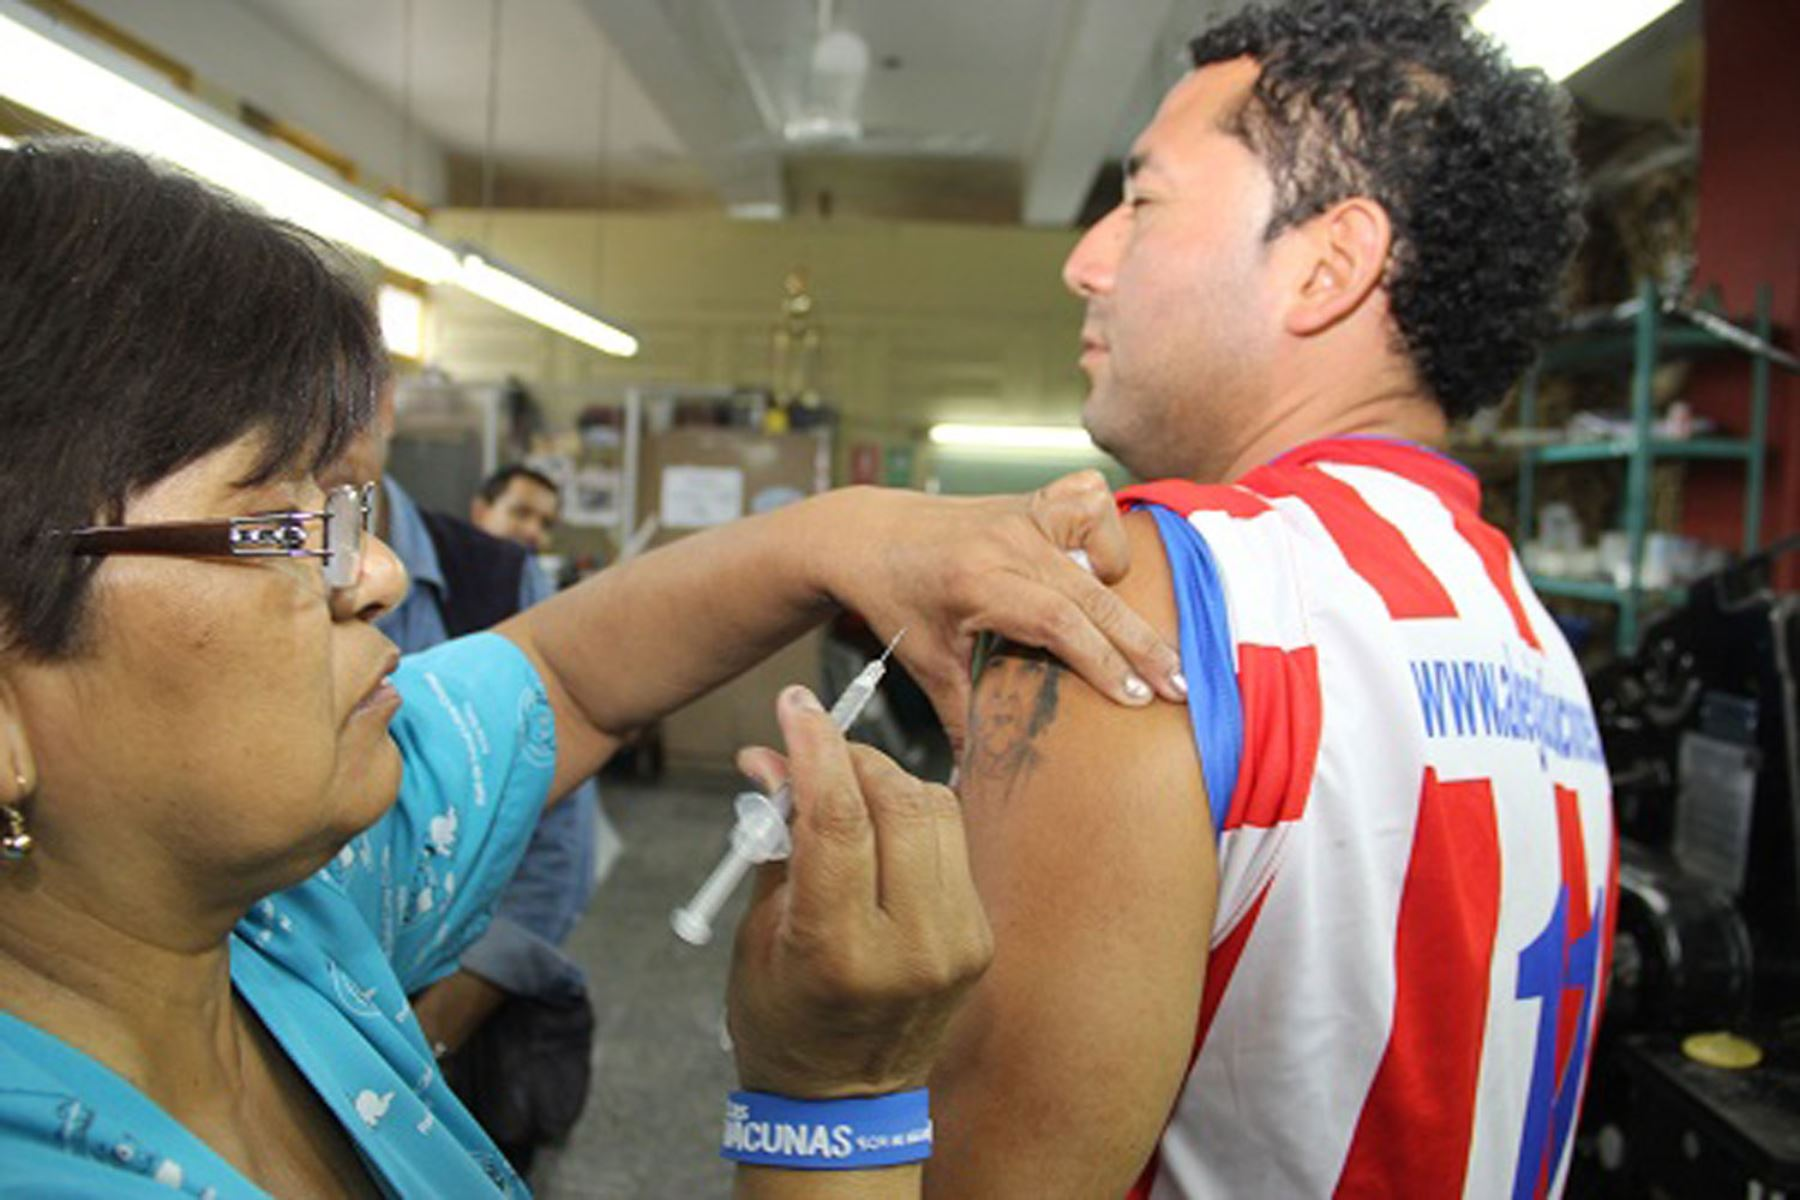 Desde Venezuela llegó un niño a Colombia con sarampión